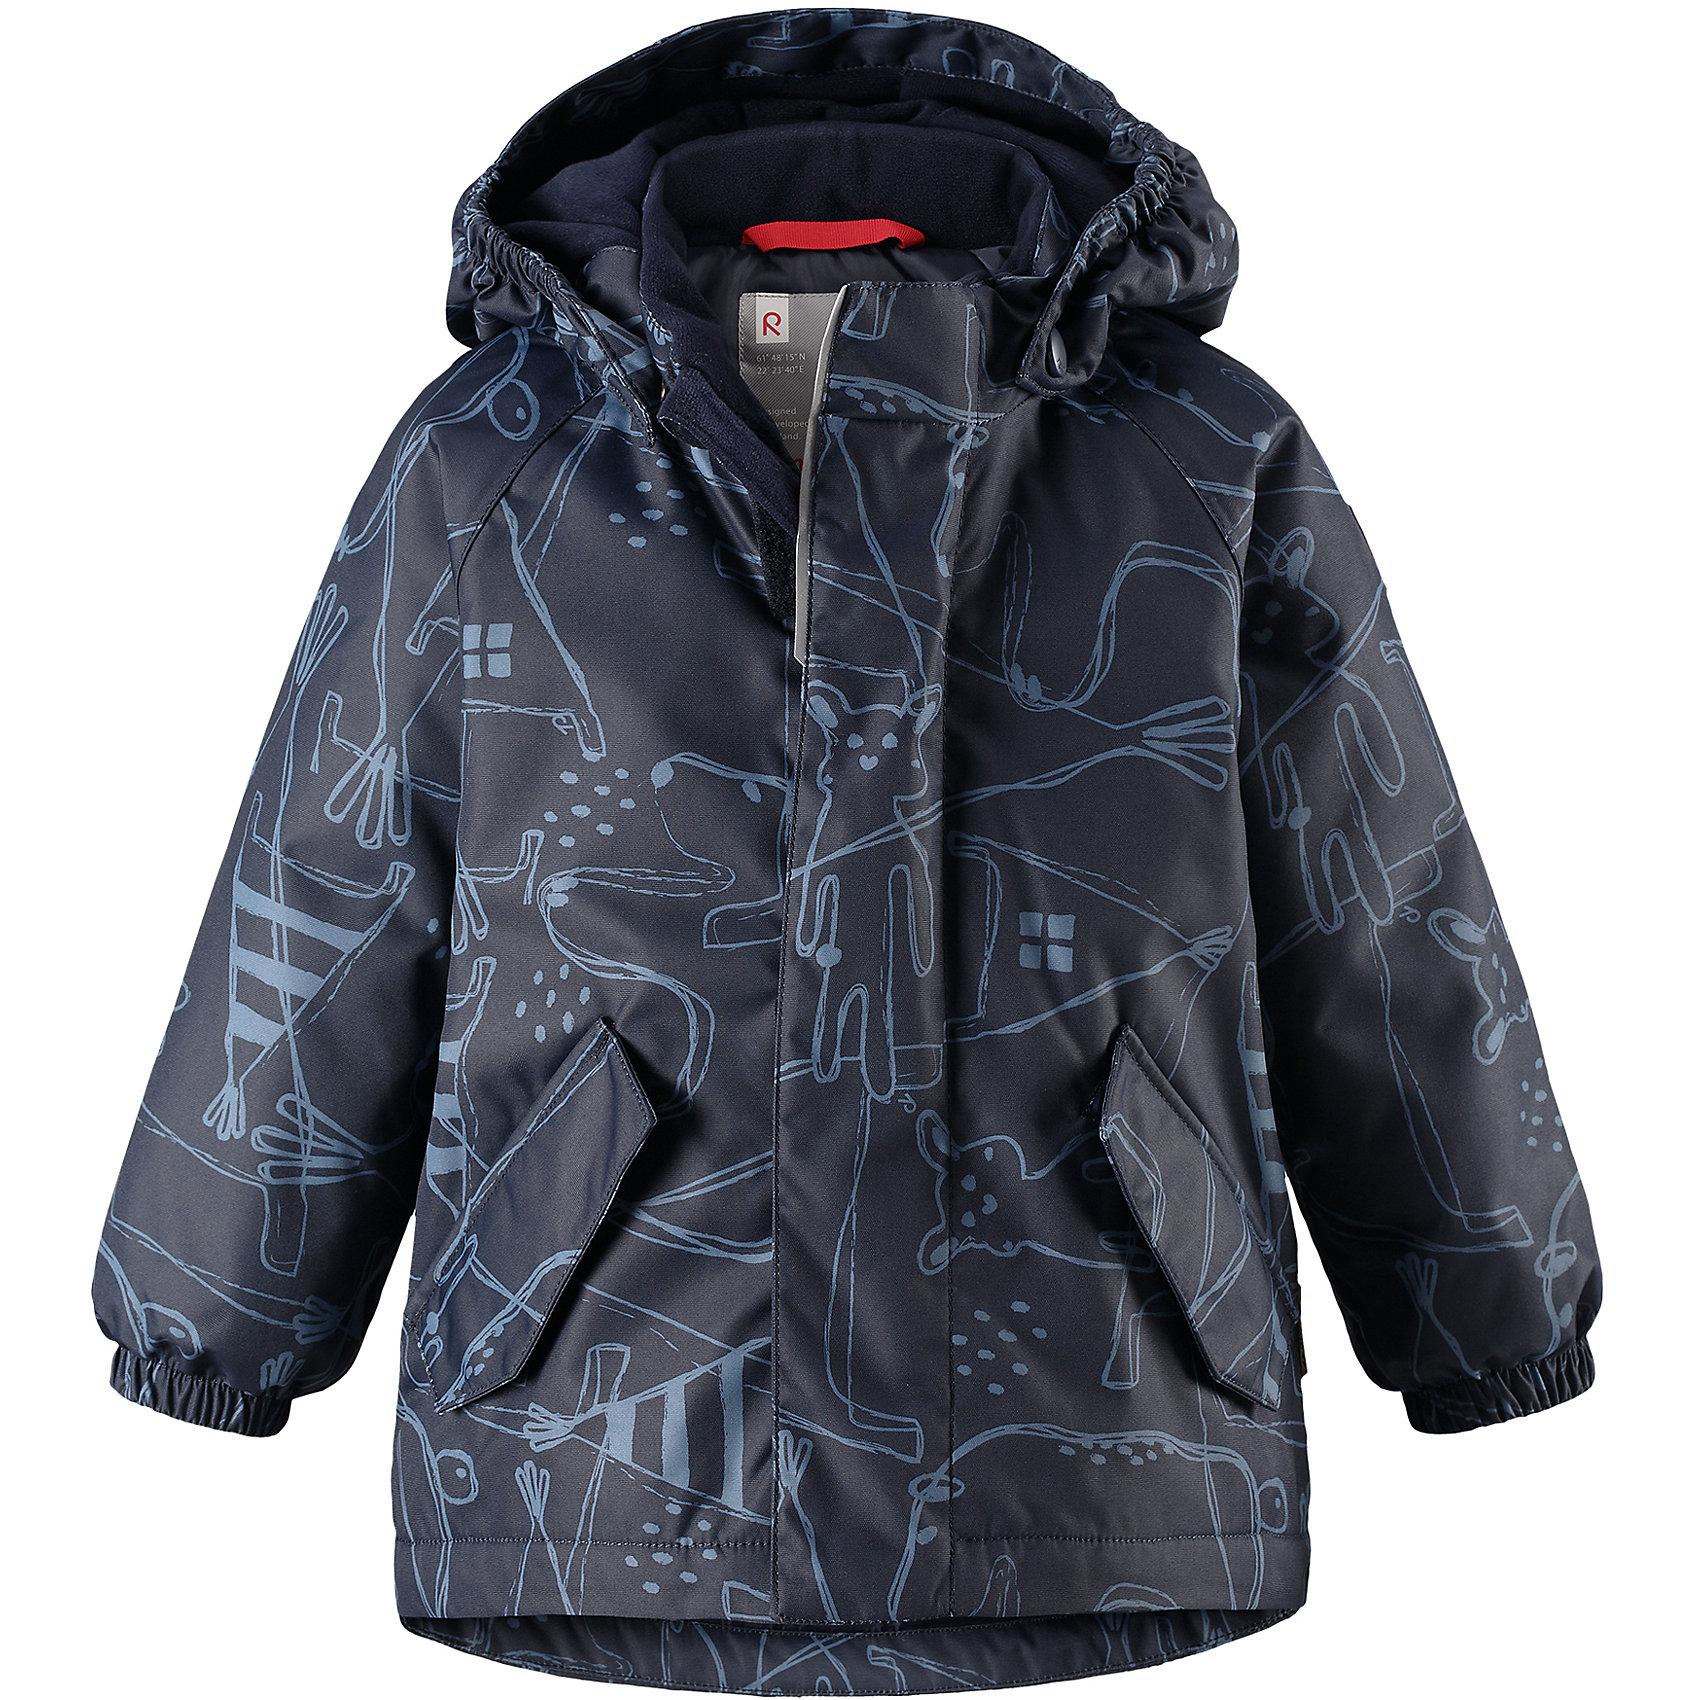 Куртка Reimatec® Reima Olki для мальчикаОдежда<br>Характеристики товара:<br><br>• цвет: синий;<br>• состав: 100% полиэстер;<br>• подкладка: 100% полиэстер;<br>• утеплитель: 160 г/м2;<br>• сезон: демисезон, зима;<br>• температурный режим: от 0 до -20С;<br>• водонепроницаемость: 8000 мм;<br>• воздухопроницаемость: 10000 мм;<br>• износостойкость: 30000 циклов (тест Мартиндейла);<br>• водо- и ветронепроницаемый, дышащий и грязеотталкивающий материал;<br>• основные швы проклеены и водонепроницаемы;<br>• застежка: молния с защитой подбородка;<br>• гладкая подкладка из полиэстера;<br>• безопасный, съемный капюшон;<br>• эластичные манжеты;<br>• два кармана с кнопками;<br>• светоотражающие детали;<br>• страна бренда: Финляндия;<br>• страна изготовитель: Китай.<br><br>Основные швы в куртке проклеены, а сама она изготовлена из водо и ветронепроницаемого, грязеотталкивающего материала. Гладкая подкладка и молния во всю длину облегчают надевание. Съемный капюшон защищает от ветра, к тому же он абсолютно безопасен – легко отстегнется, если вдруг за что-нибудь зацепится. Маленькие карманы на молнии надежно сохранят все сокровища.<br><br>Куртку Reimatec® Reima Olki от финского бренда Reima (Рейма) можно купить в нашем интернет-магазине.<br><br>Ширина мм: 356<br>Глубина мм: 10<br>Высота мм: 245<br>Вес г: 519<br>Цвет: синий<br>Возраст от месяцев: 24<br>Возраст до месяцев: 36<br>Пол: Мужской<br>Возраст: Детский<br>Размер: 98,80,86,92<br>SKU: 6968467